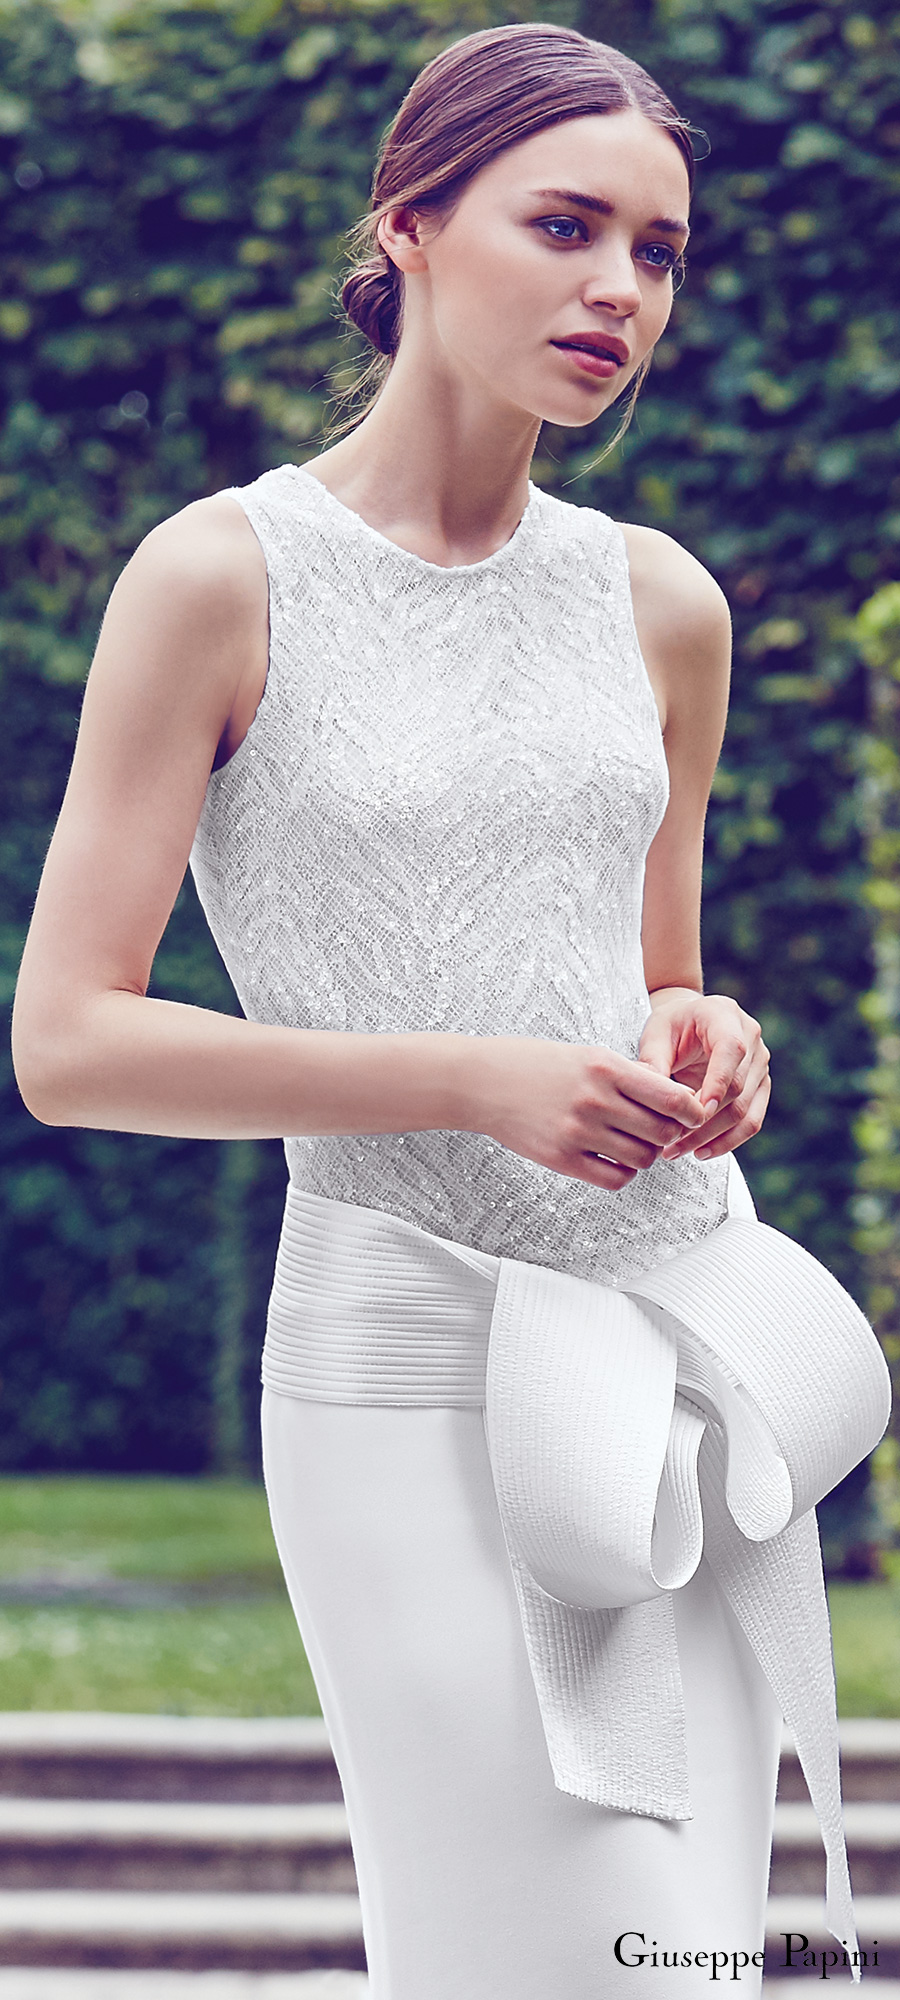 giuseppe papini 2017 (verona) sleeveless jewel neck embellished bodice sheath wedding dress zv modern sash